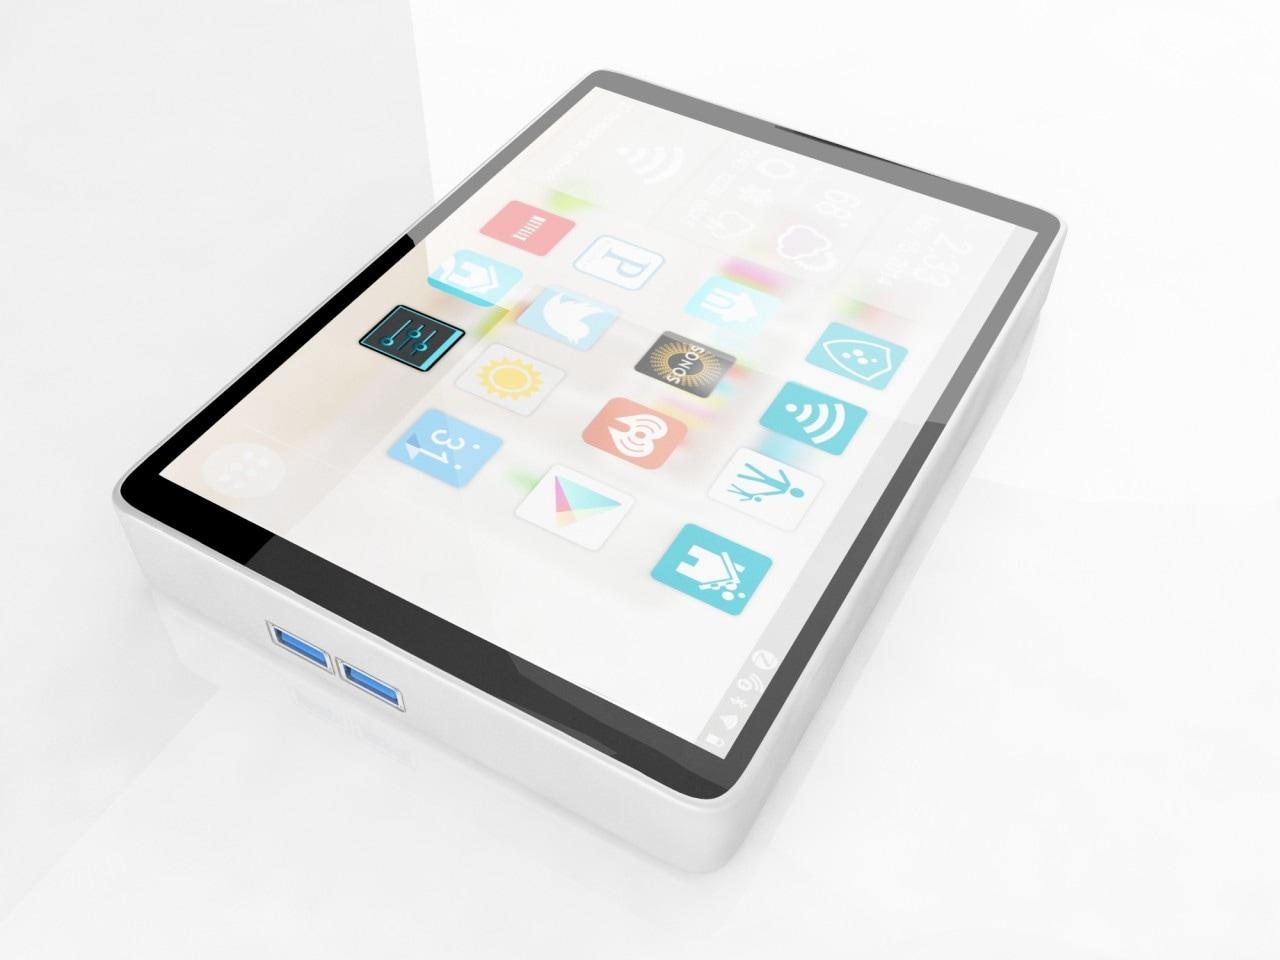 Un router touchscreen con Android: ecco Soup (video)